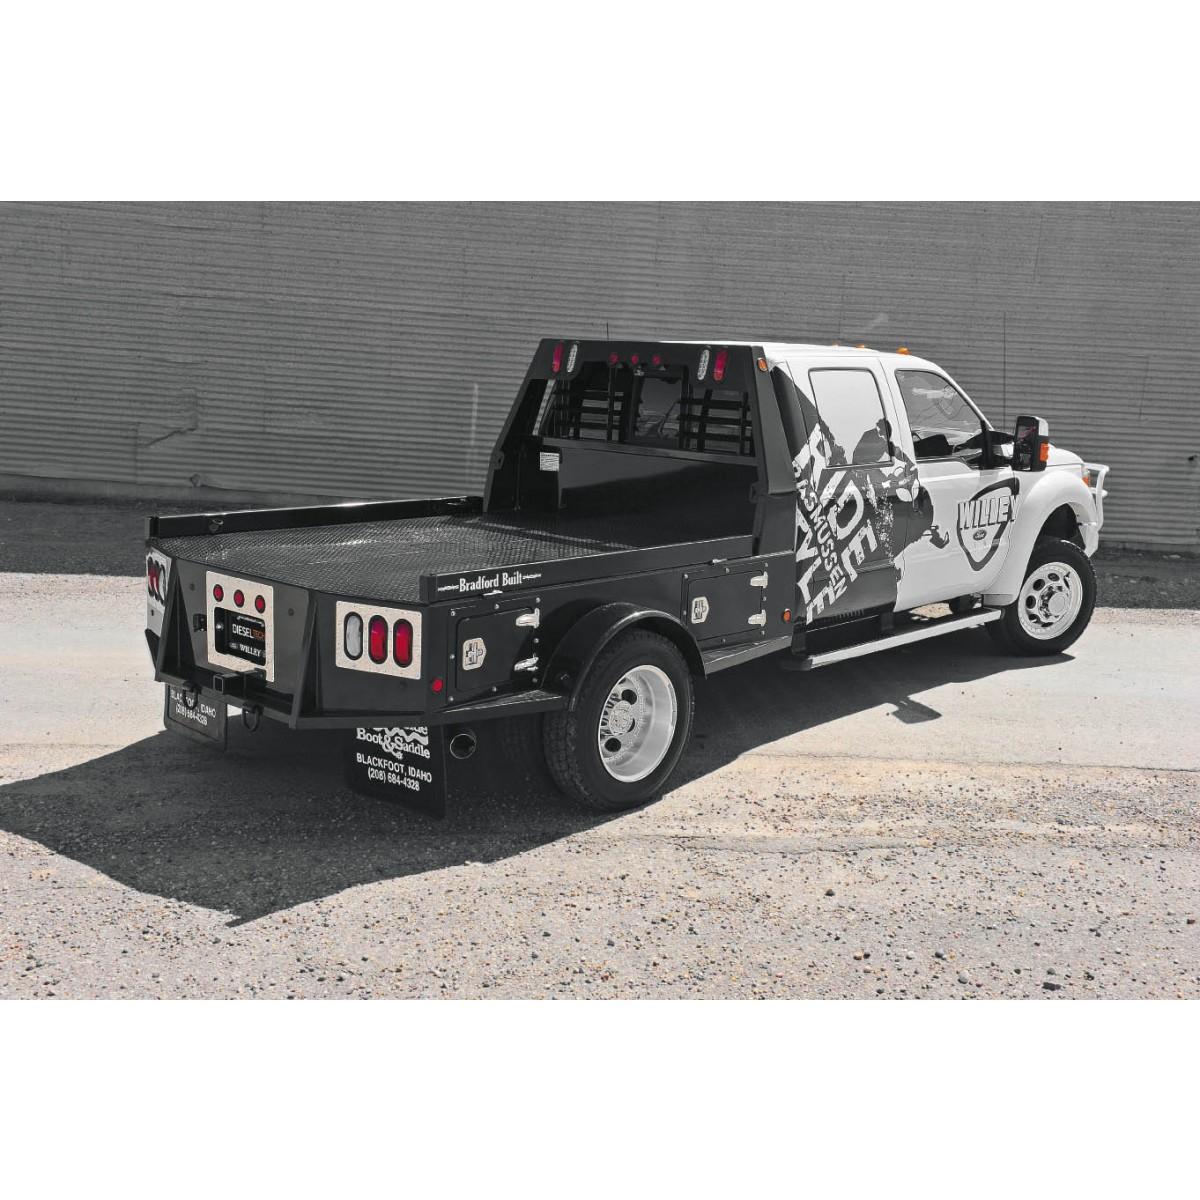 Bradford Built Pickup Truck Stepside Flatbed